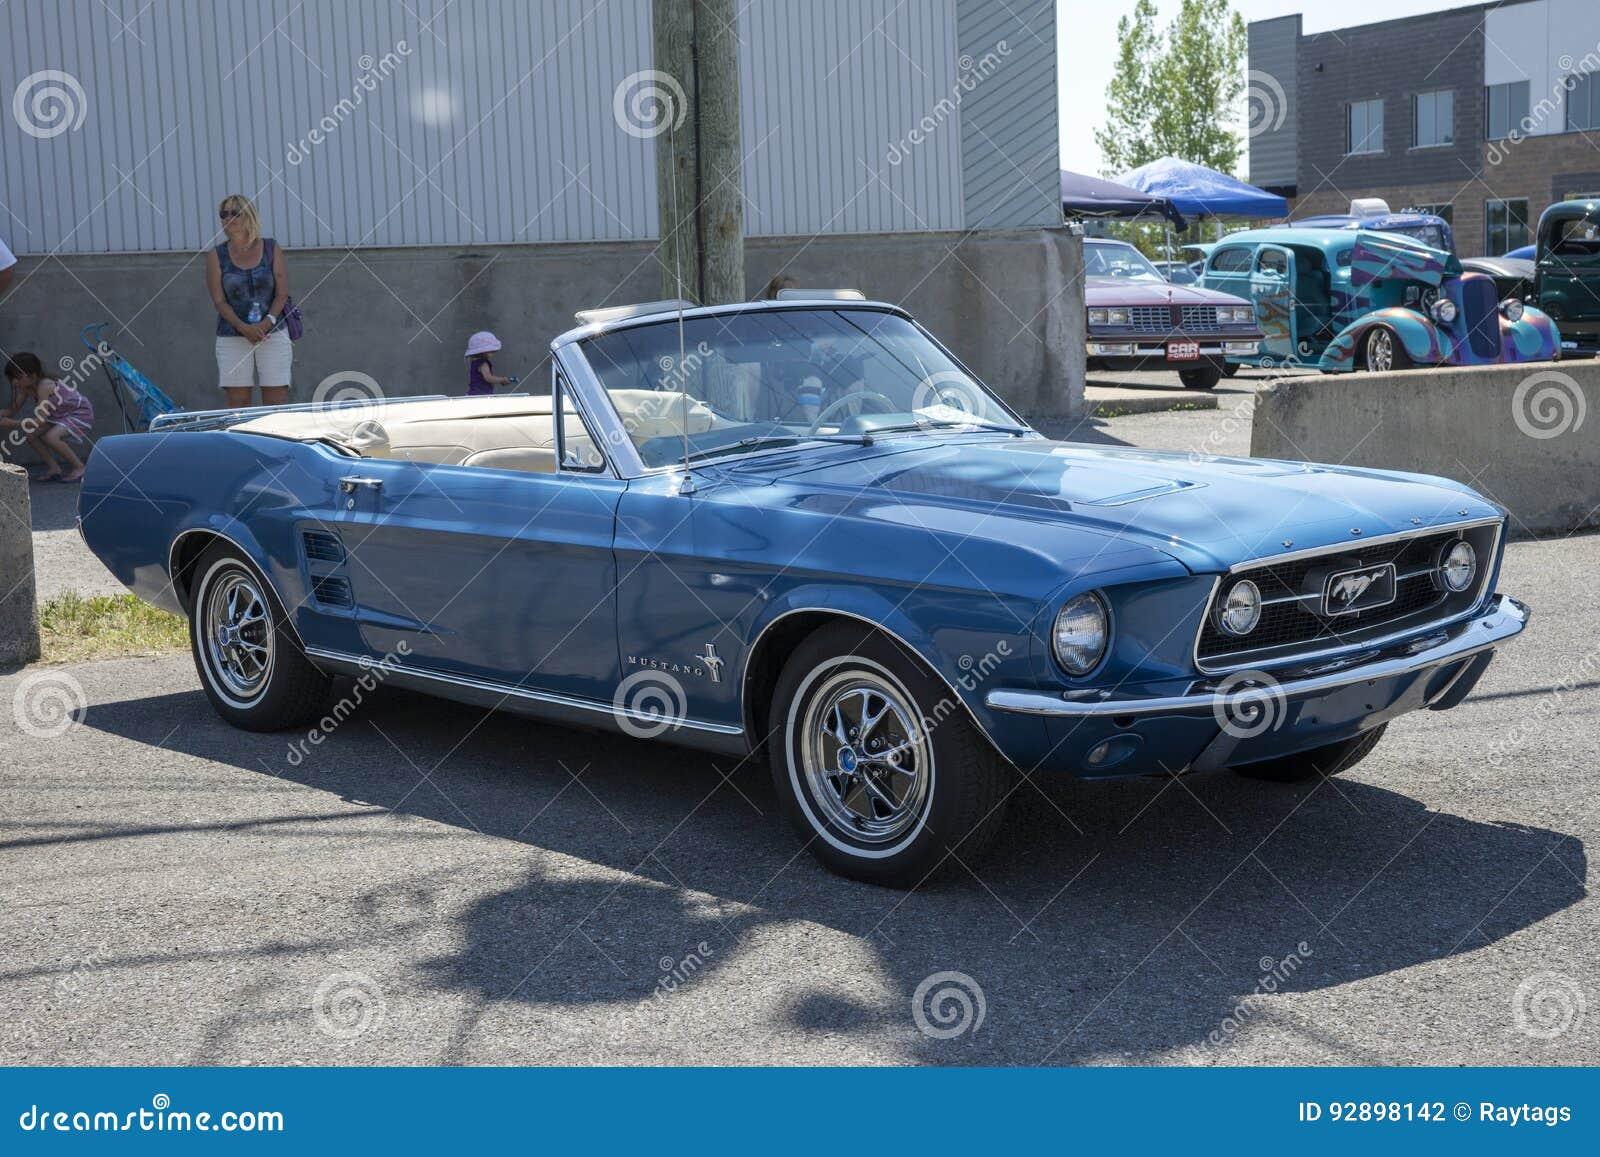 Convertible 1967 Do Mustang Fotografia Editorial Imagem De 1967 Convertible 92898142